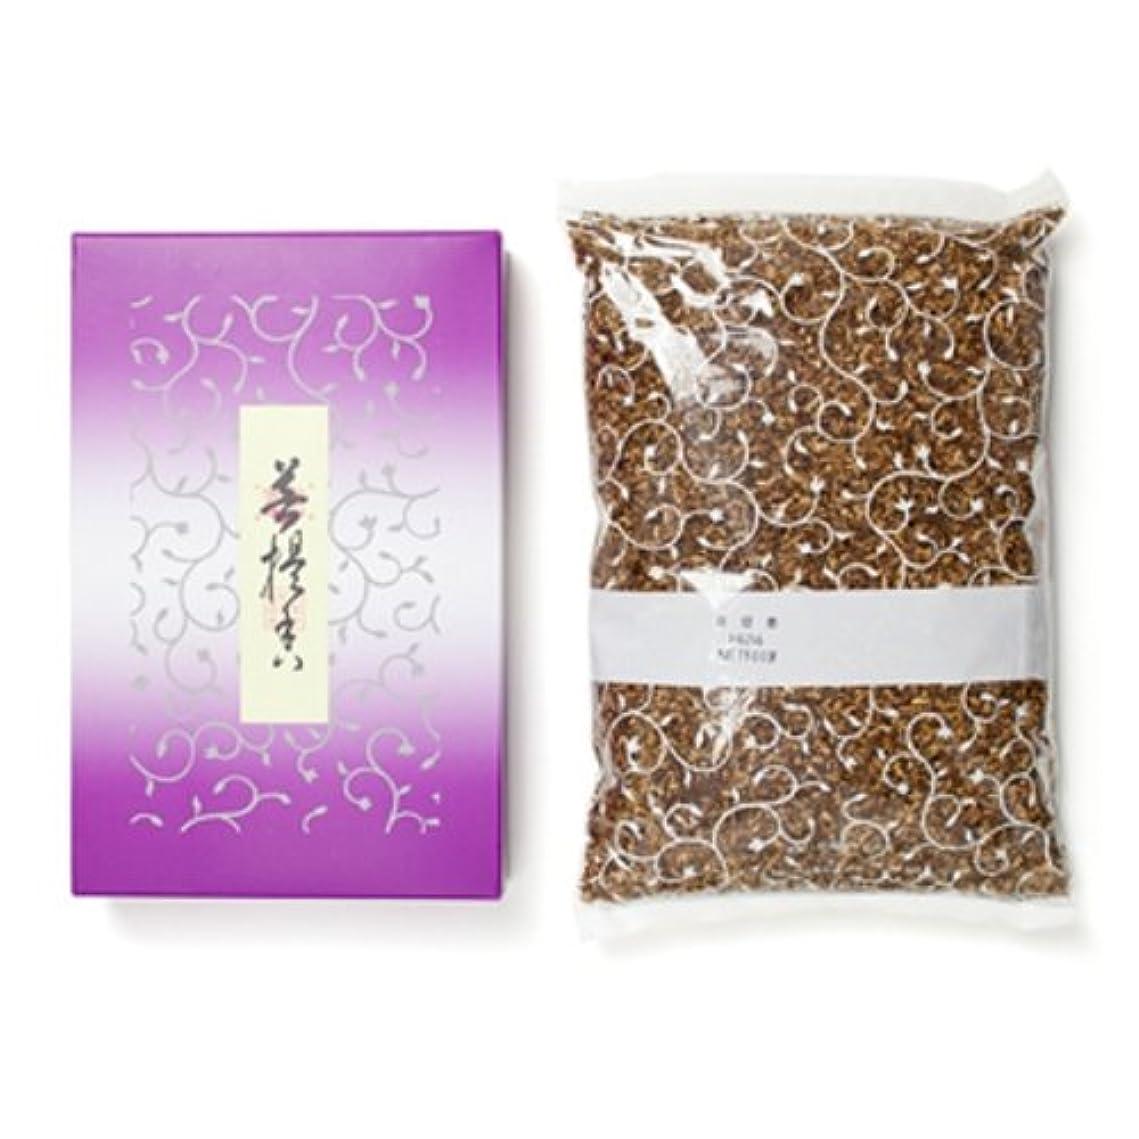 その他お嬢バリー松栄堂のお焼香 菩提香 500g詰 紙箱入 #410411